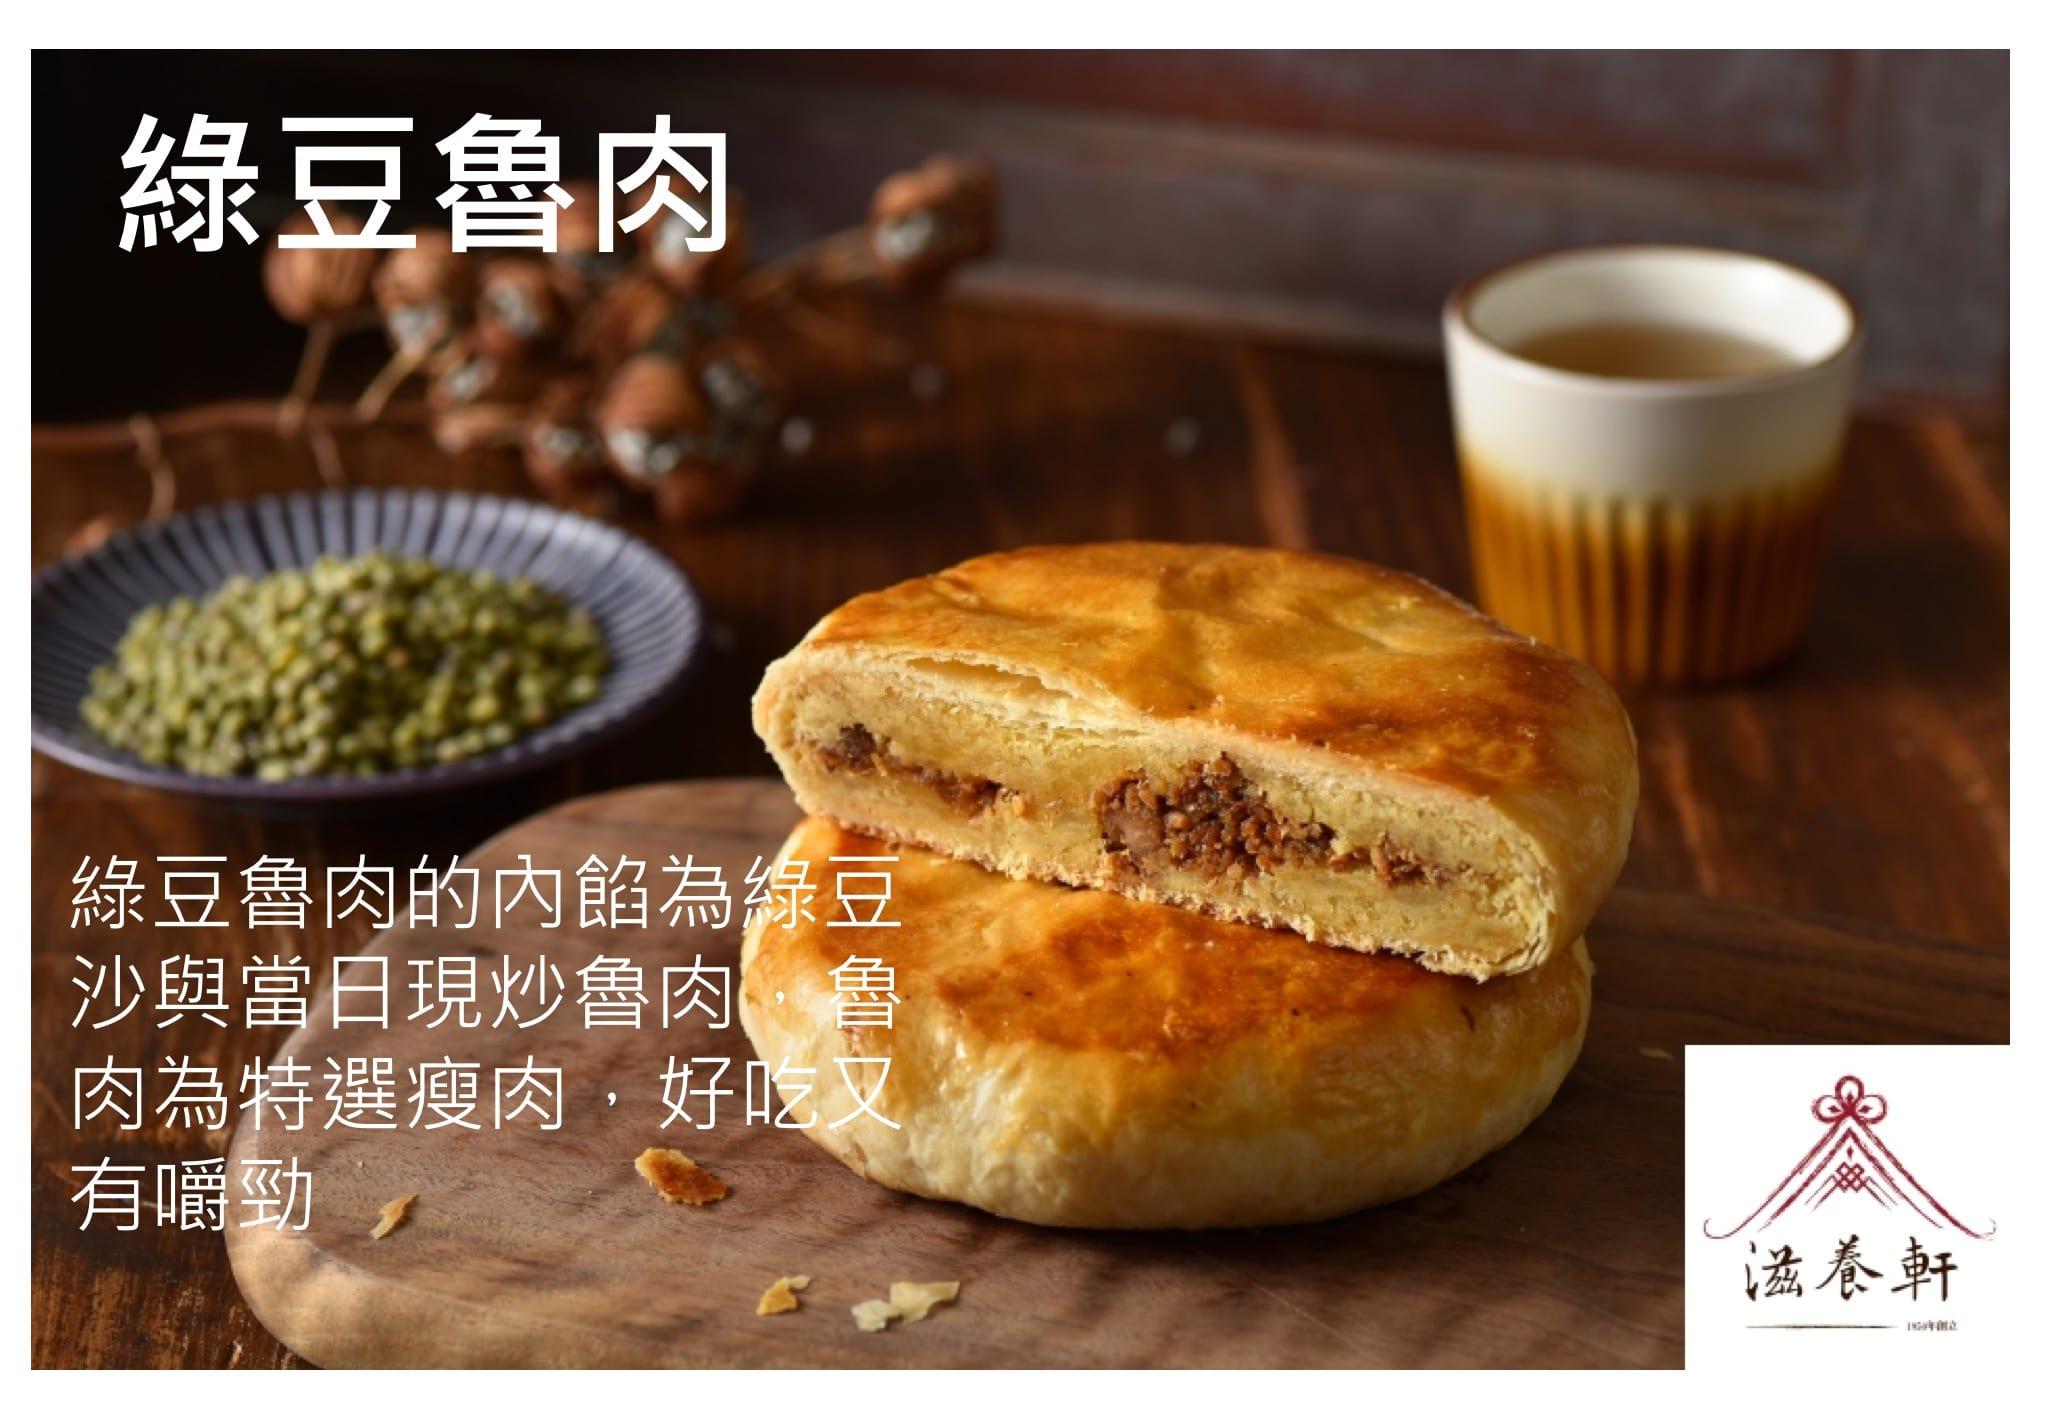 滋養軒綠豆魯肉介紹